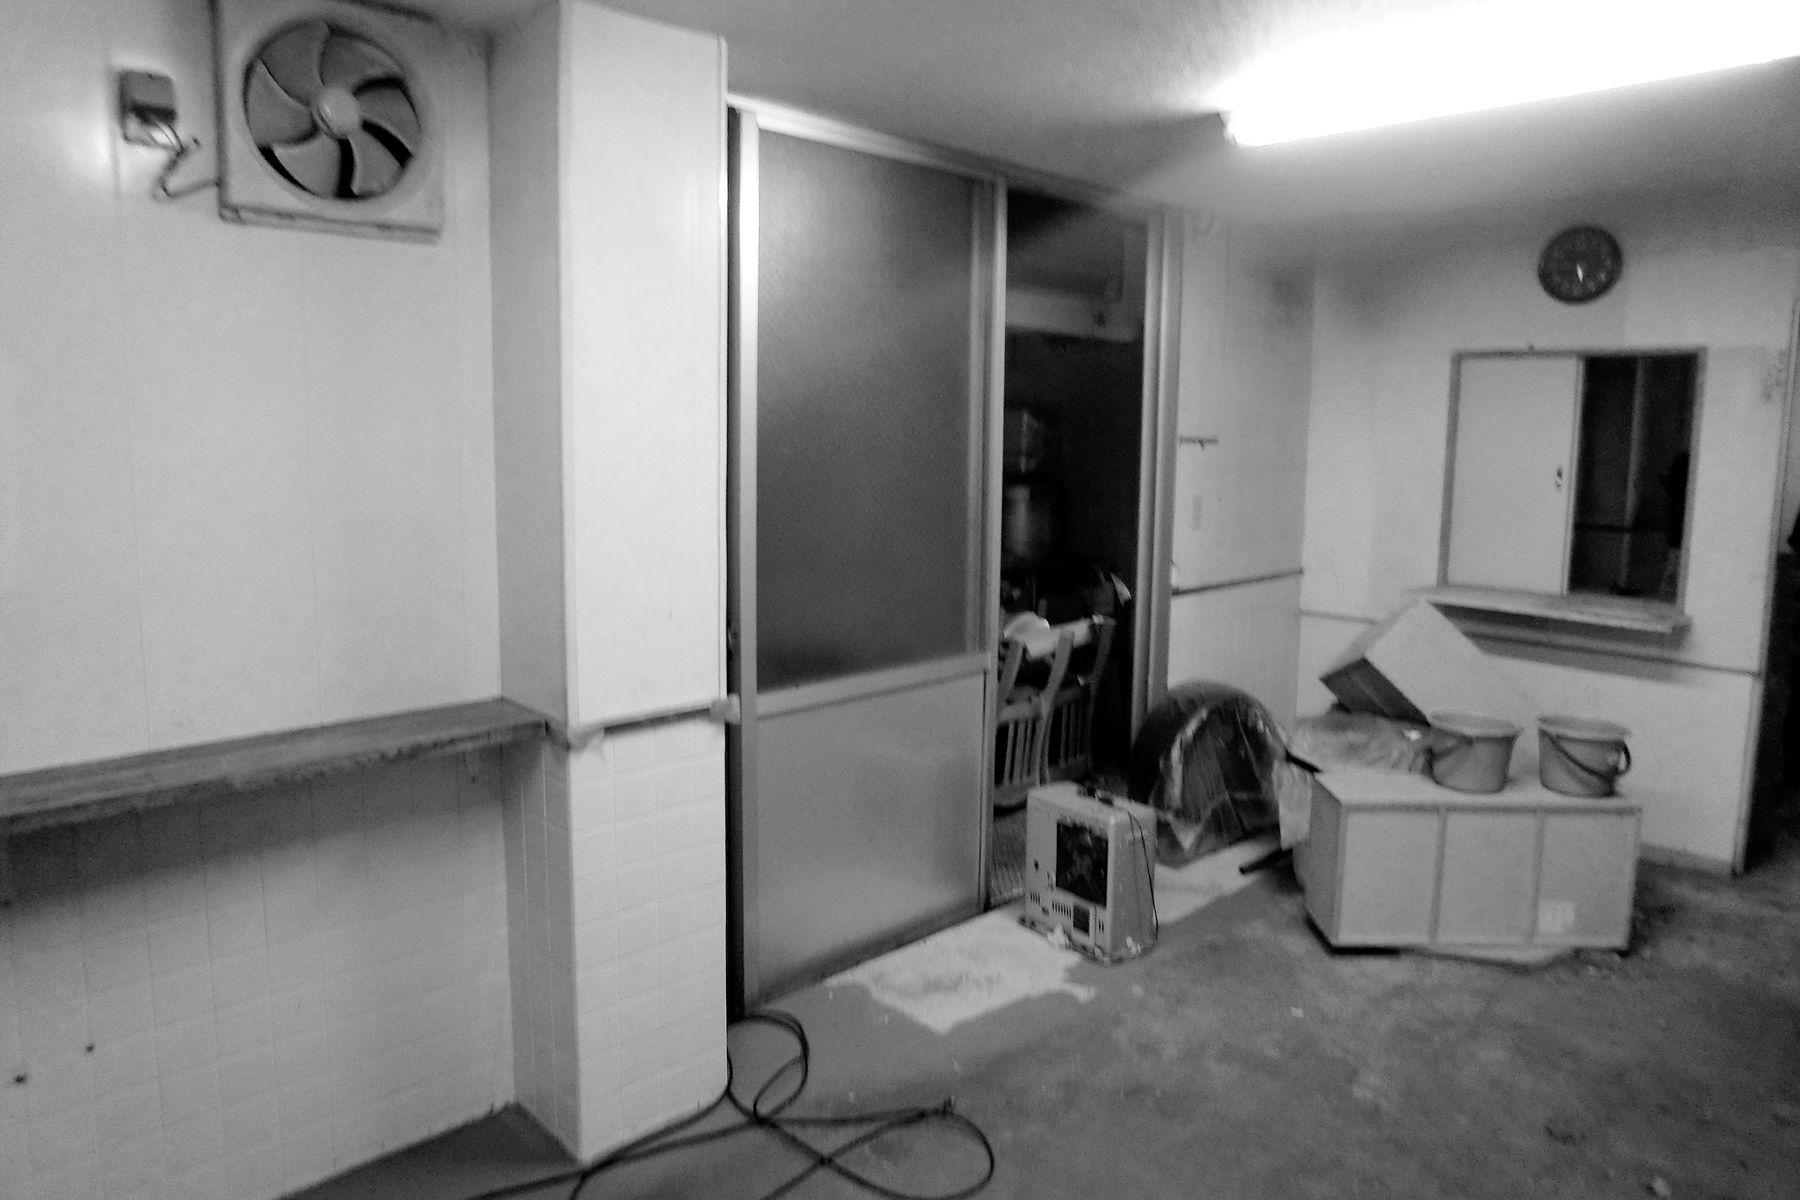 くるり|廃墟ビルを再生してシェアハウス・ゲストハウスに転用